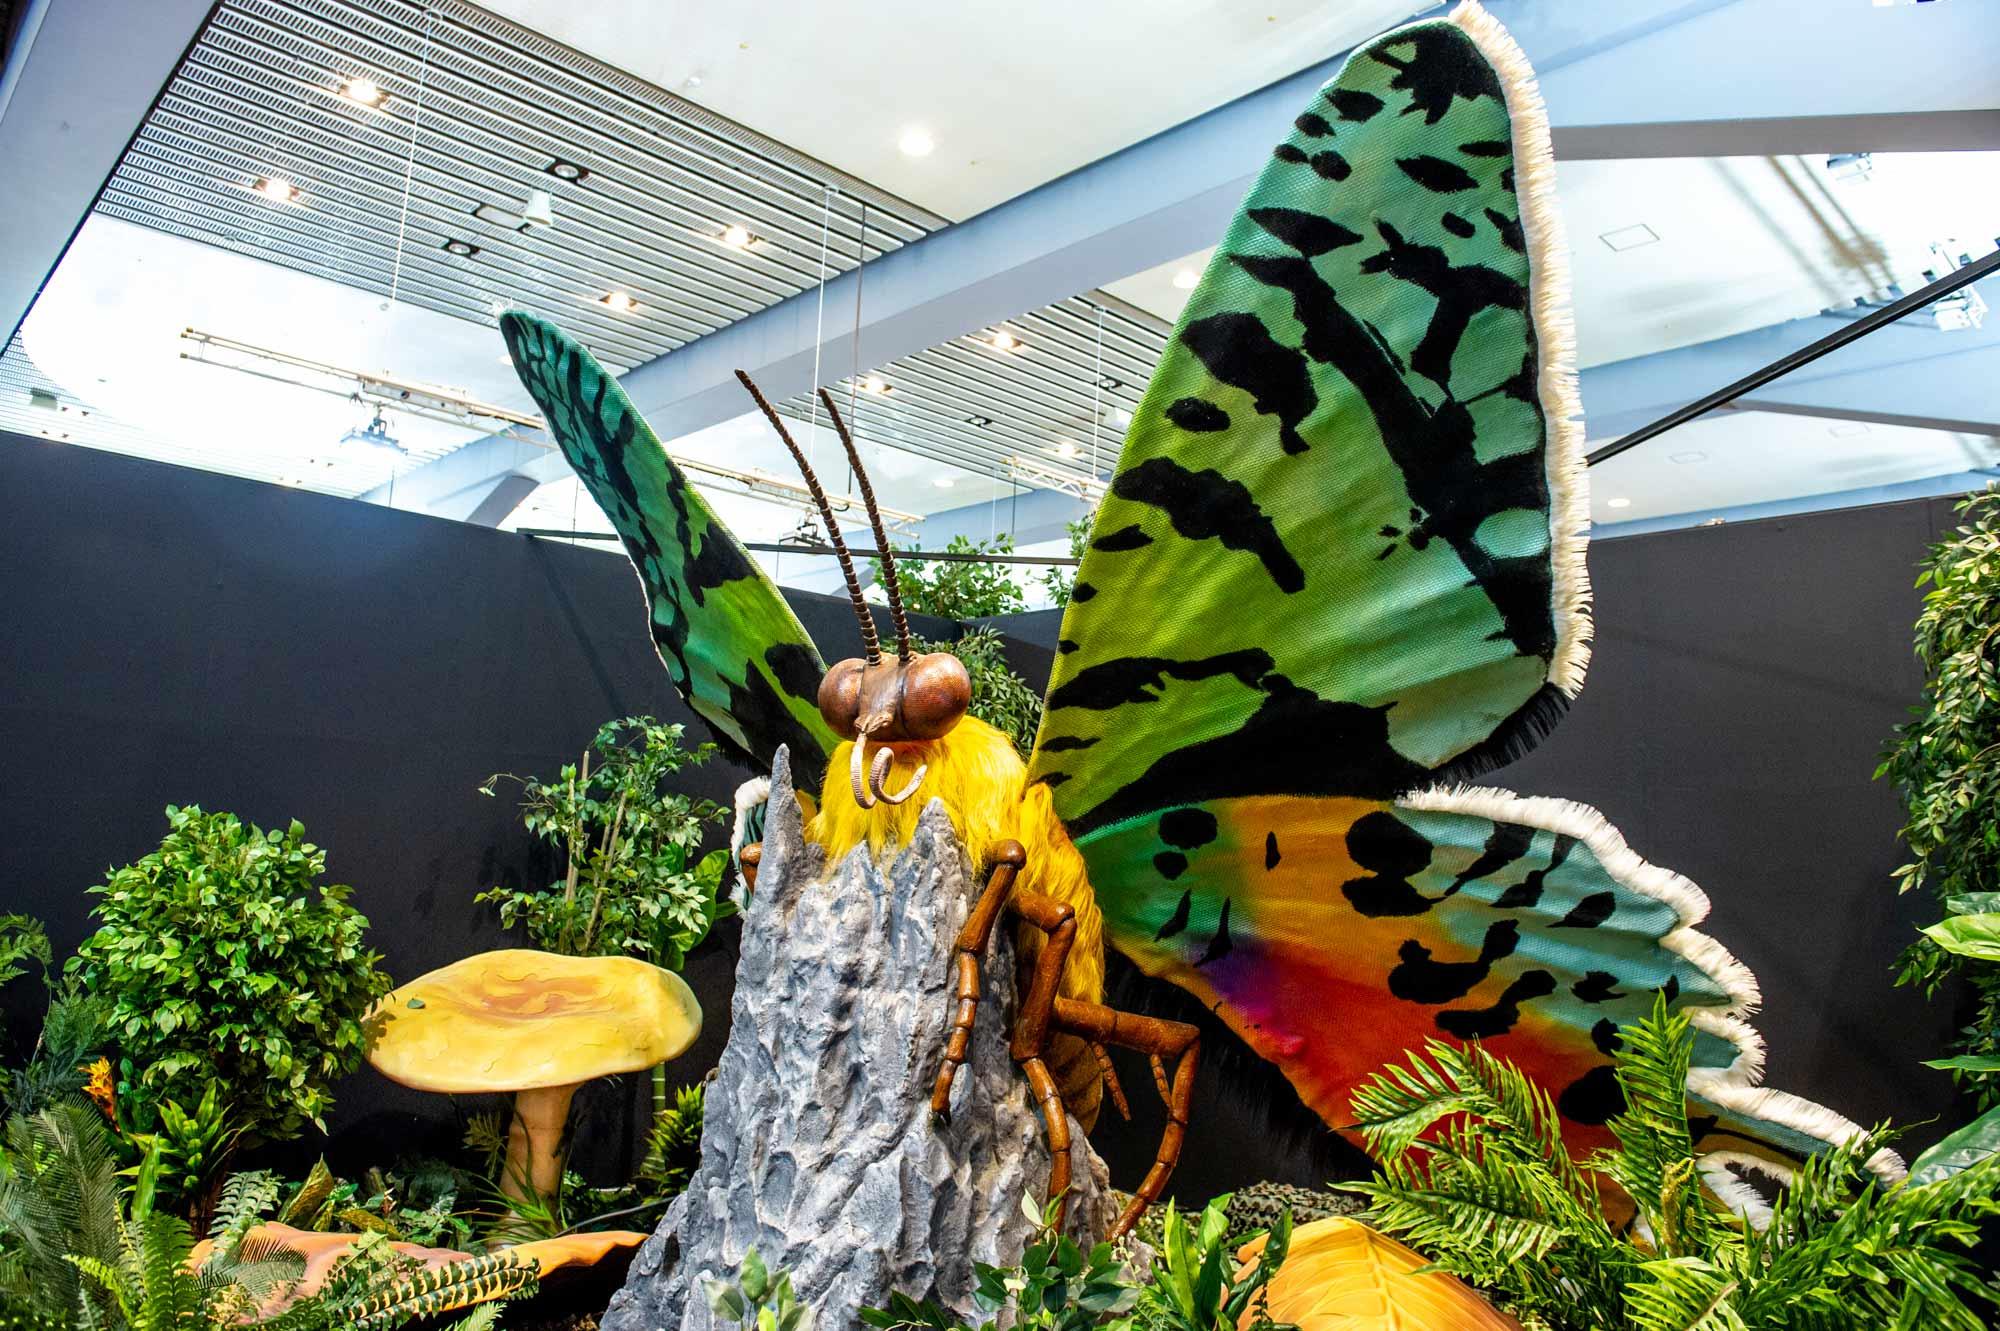 ニシキオオツバメガの模型画像